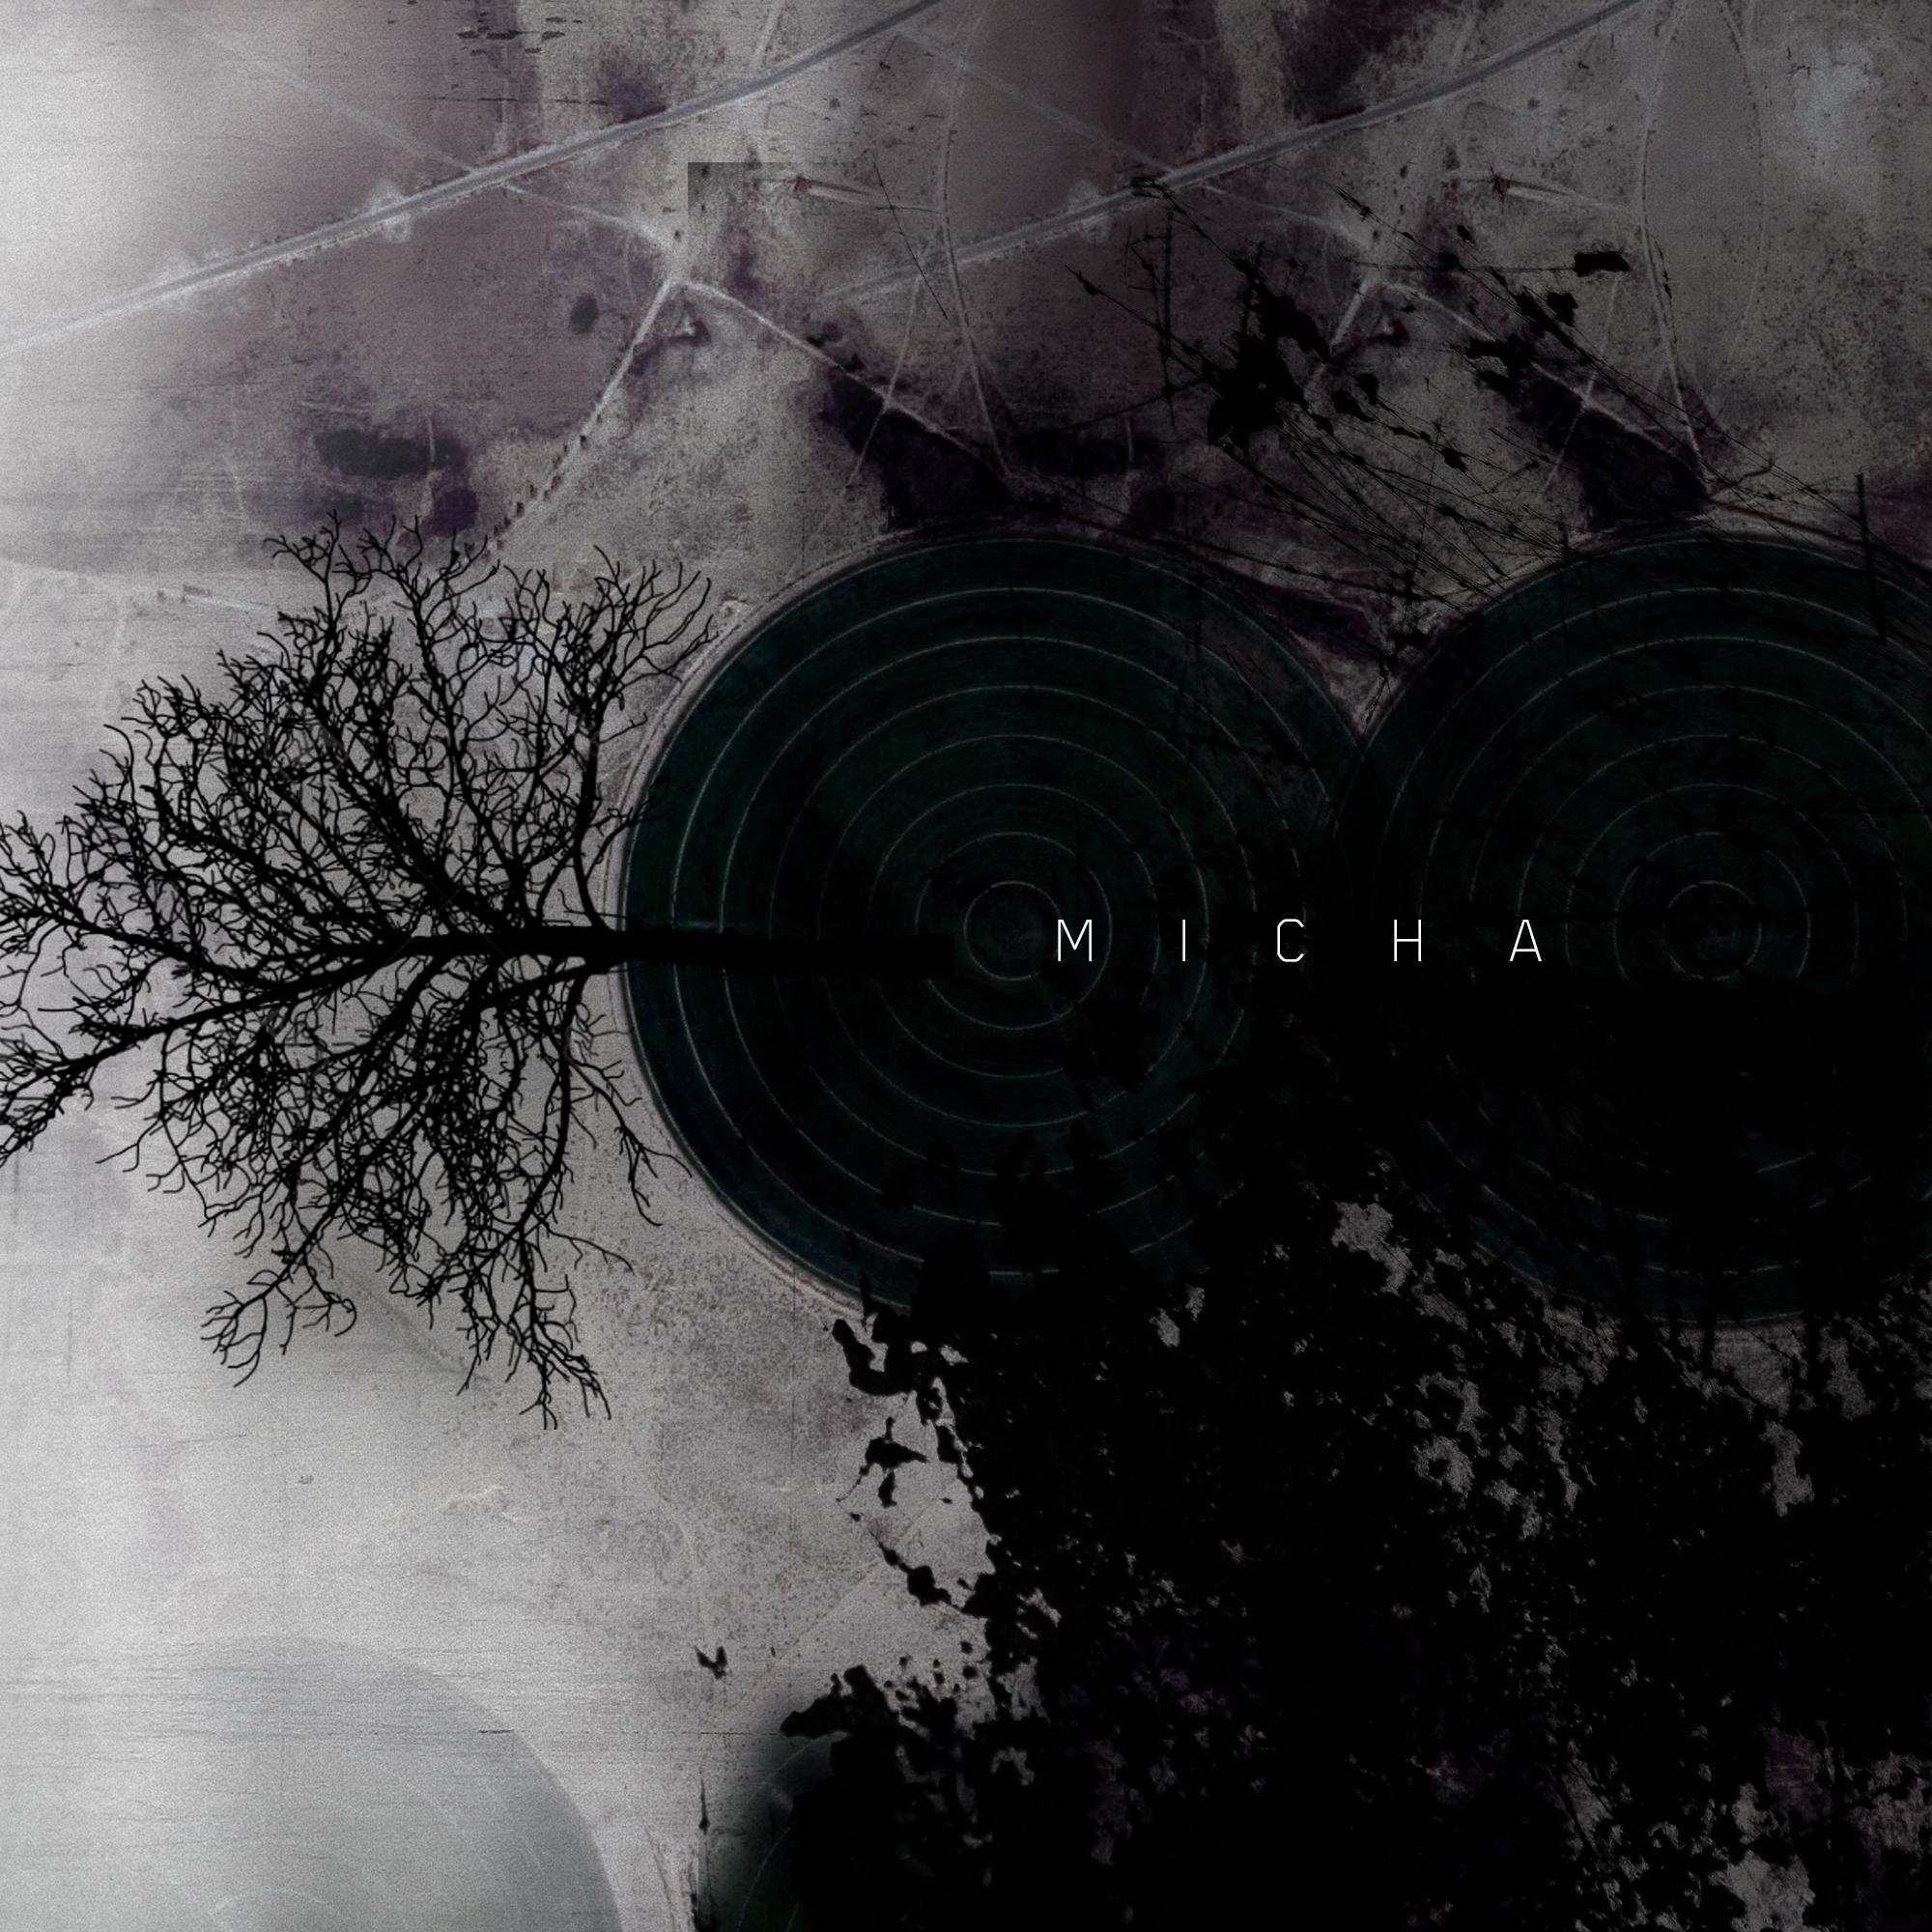 mischa_image.jpg